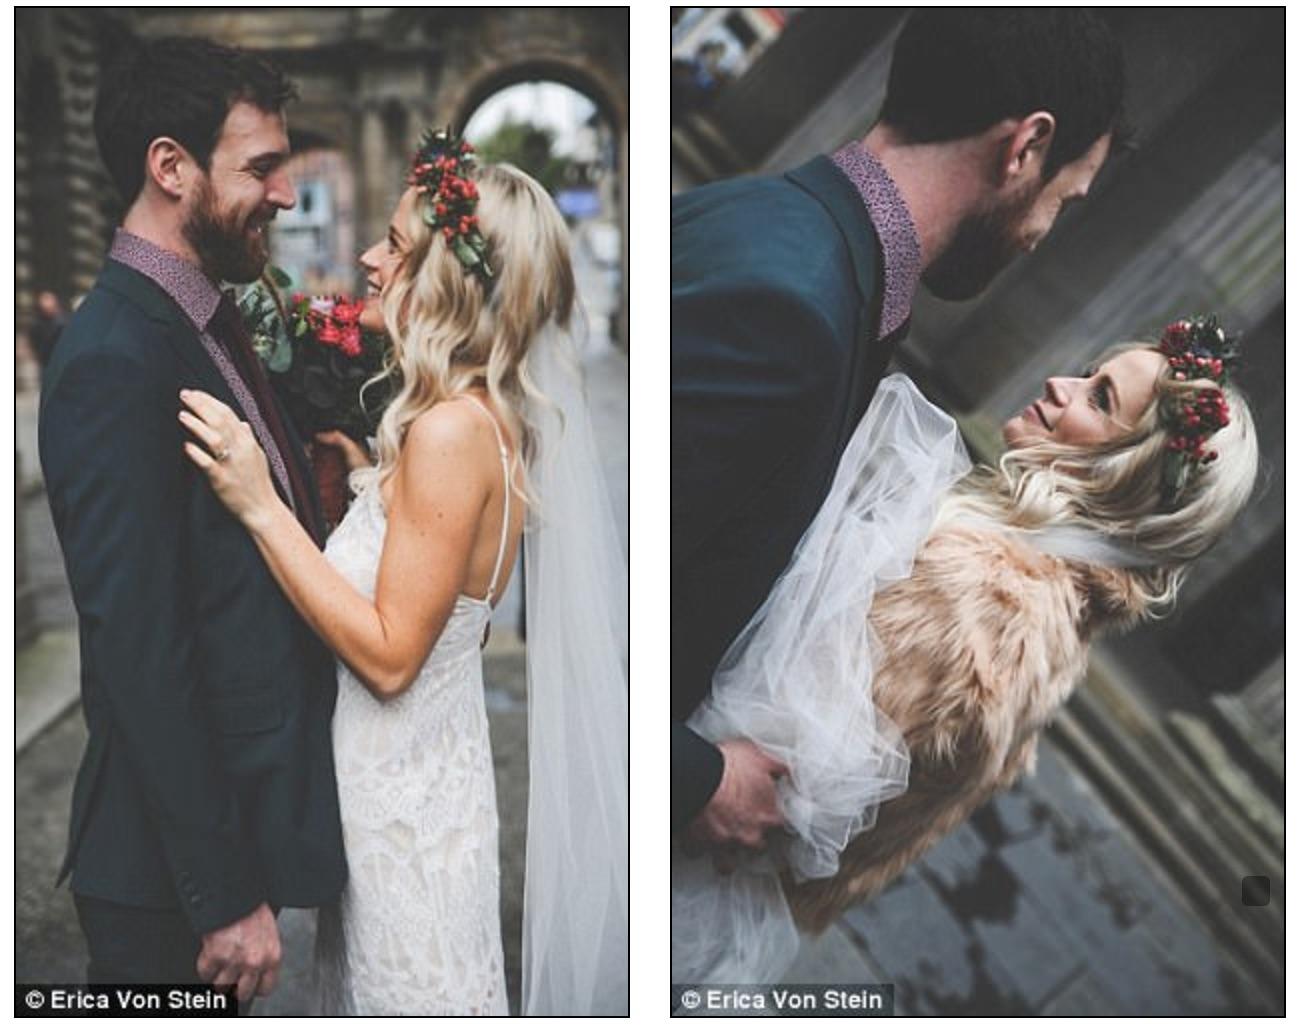 Σκωτσέζα νύφη